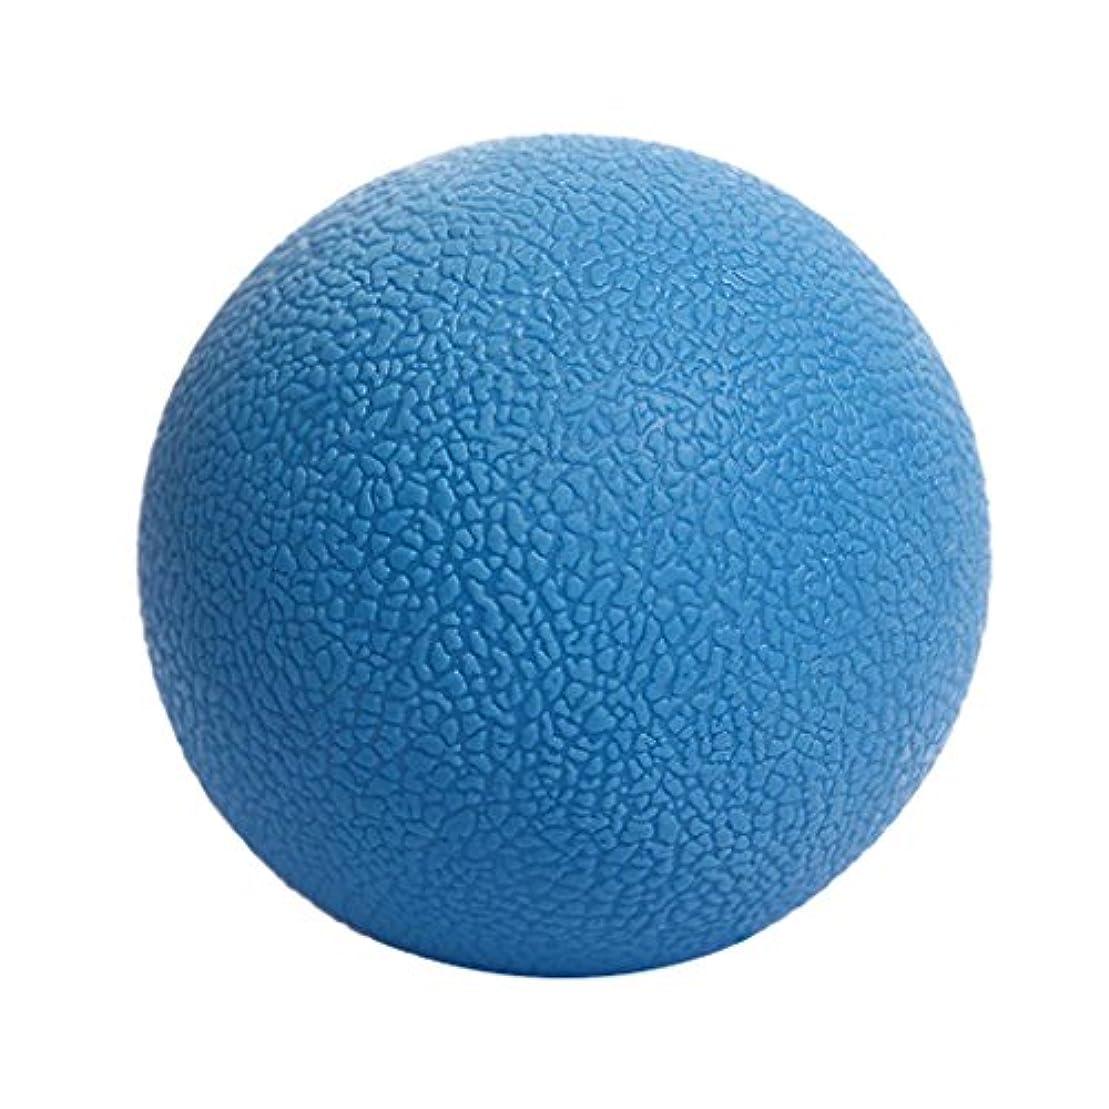 型収益ハウジングBaoblaze マッサージボール ボディーマッサージ 便利 TPE ヨガ ピラティス 4色選べる - 青